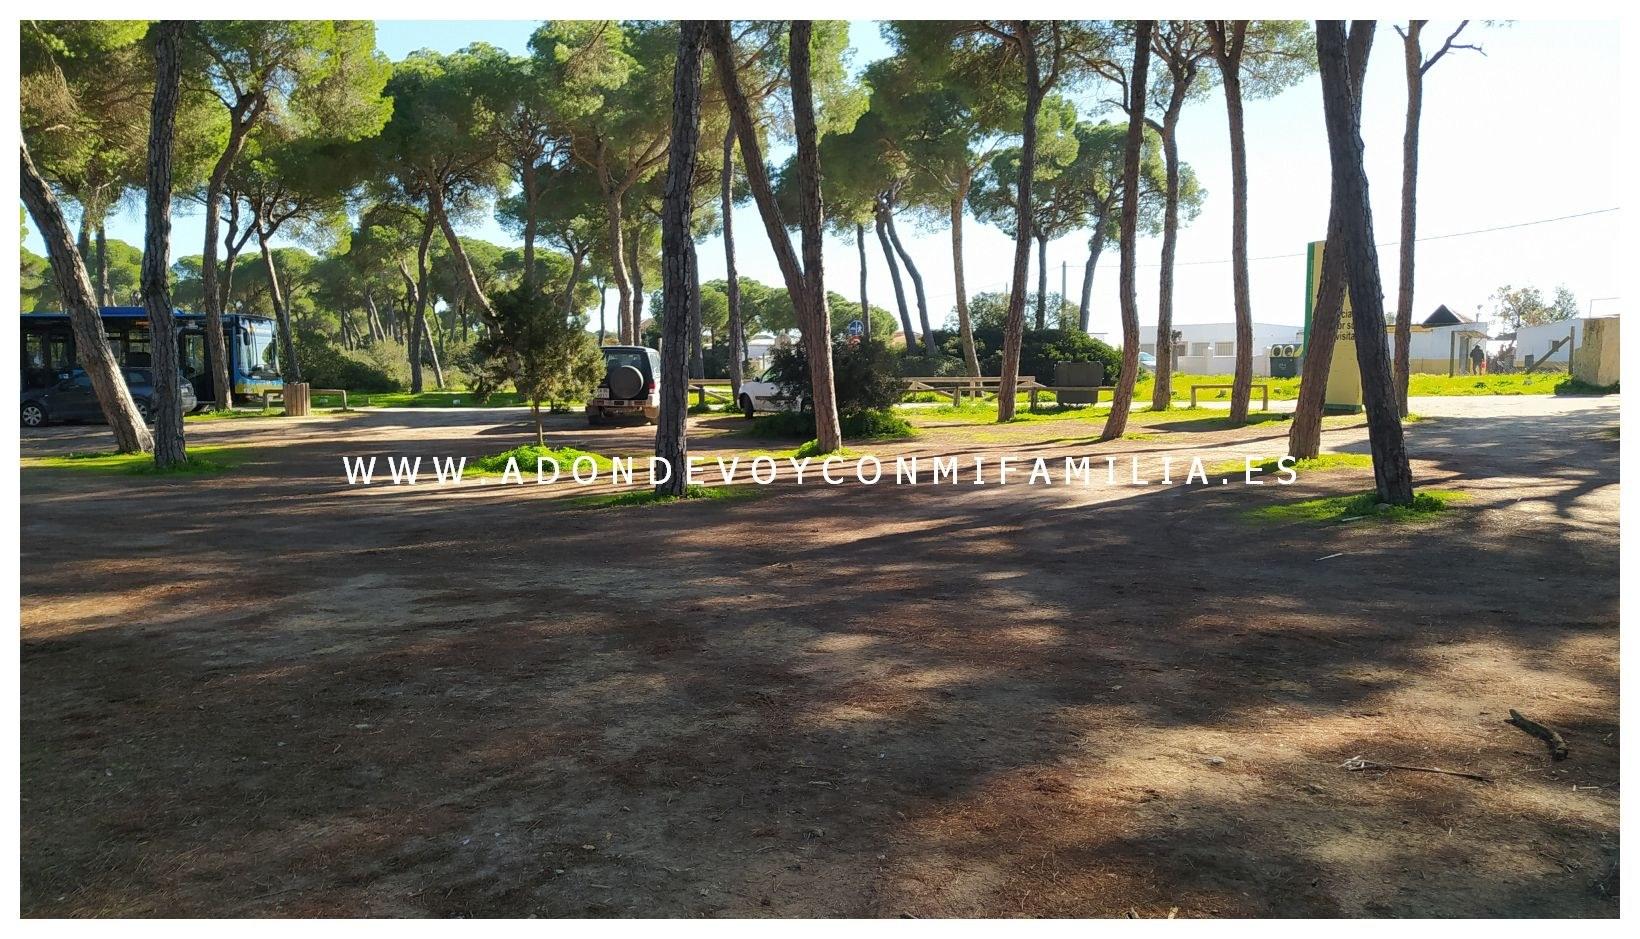 sendero-cerro-del-aguila-pinar-de-la-algaida-sanlucar-adondevoyconmifamilia-81